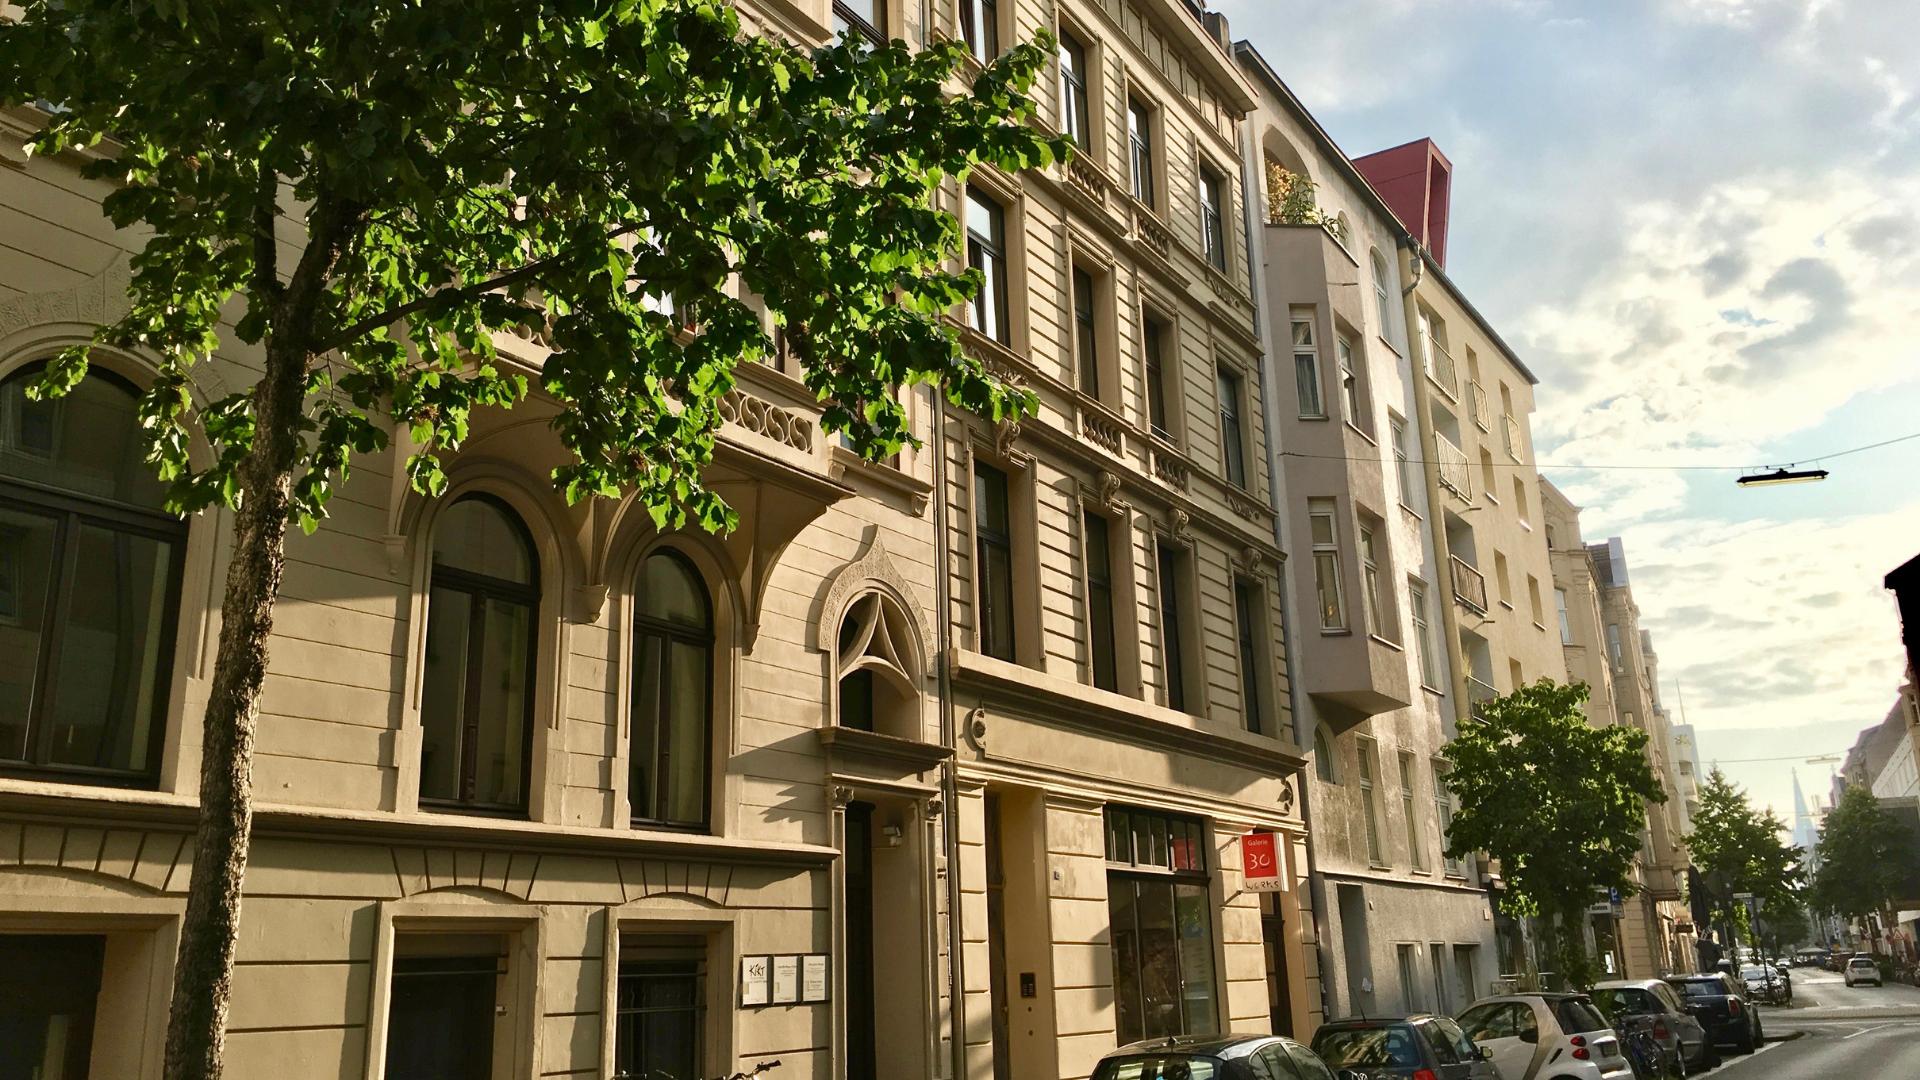 Im Herzen des Belgischen Viertels - Vollvermietetes Wohn- und Geschäftshaus in 1A-Lage